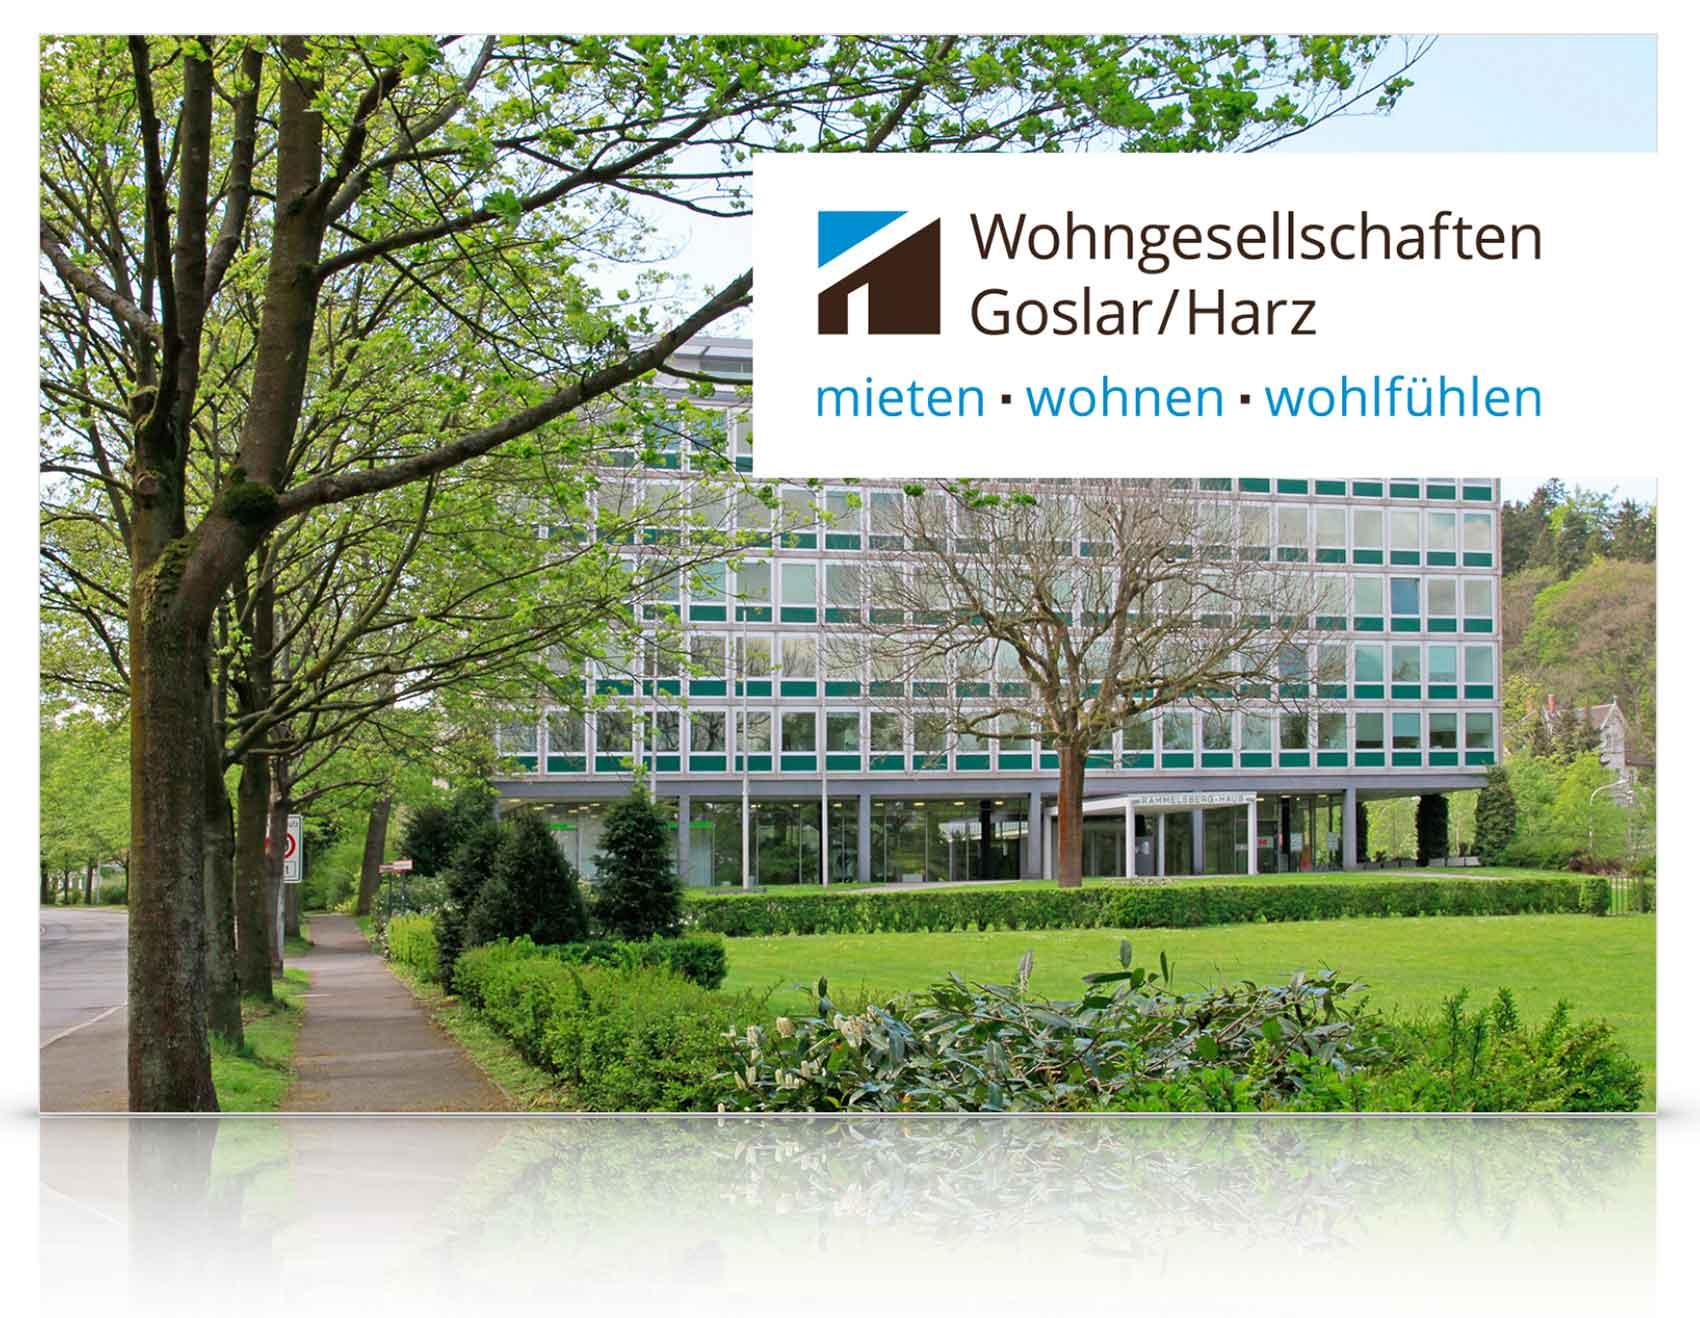 Logo und Corporate Design-Entwicklung Wohngesellschaften Goslar/Harz